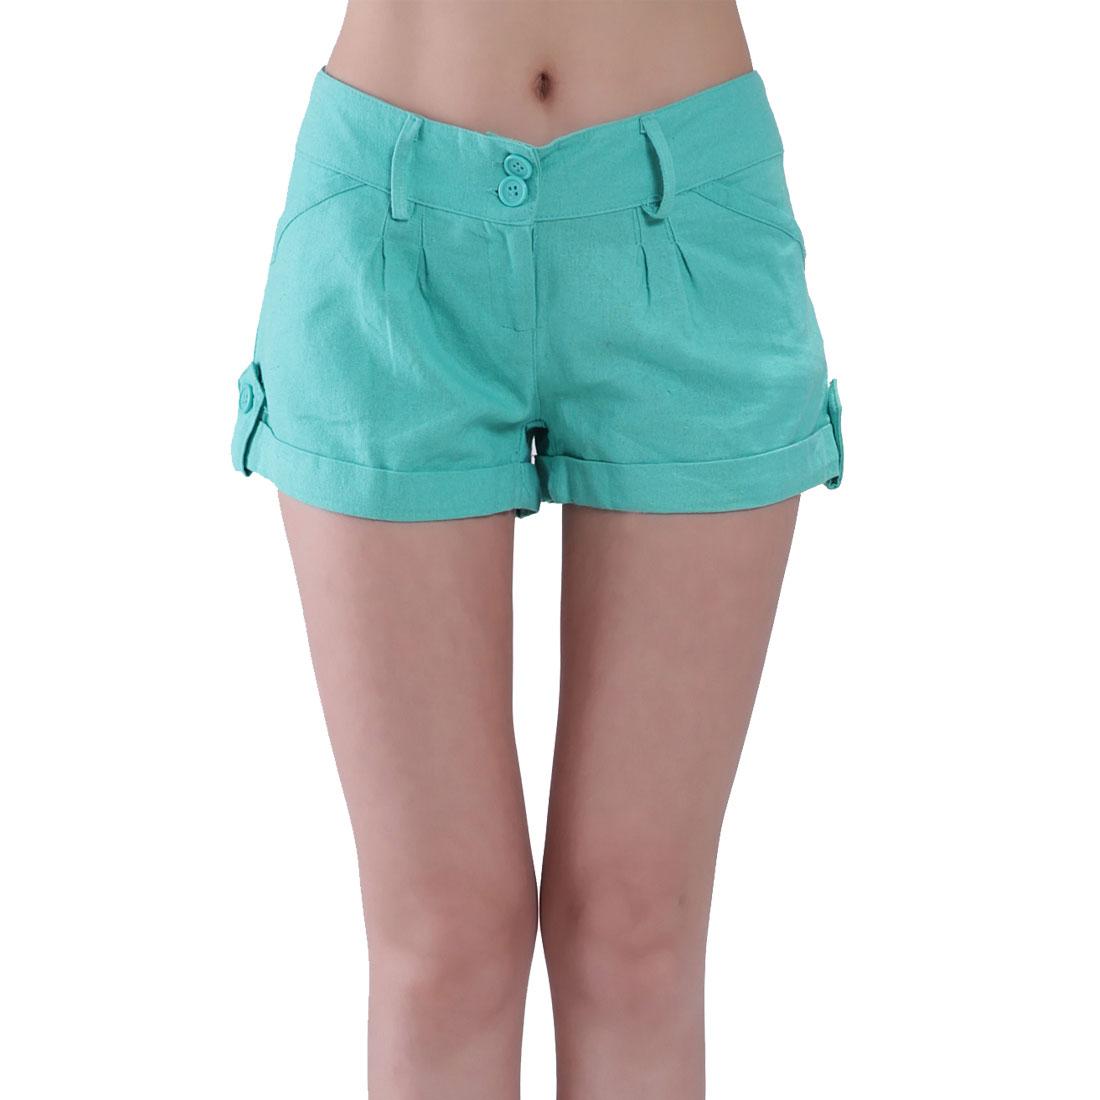 Low Waist Fake Hip Pockets Zippered Short Pants Green M for Women